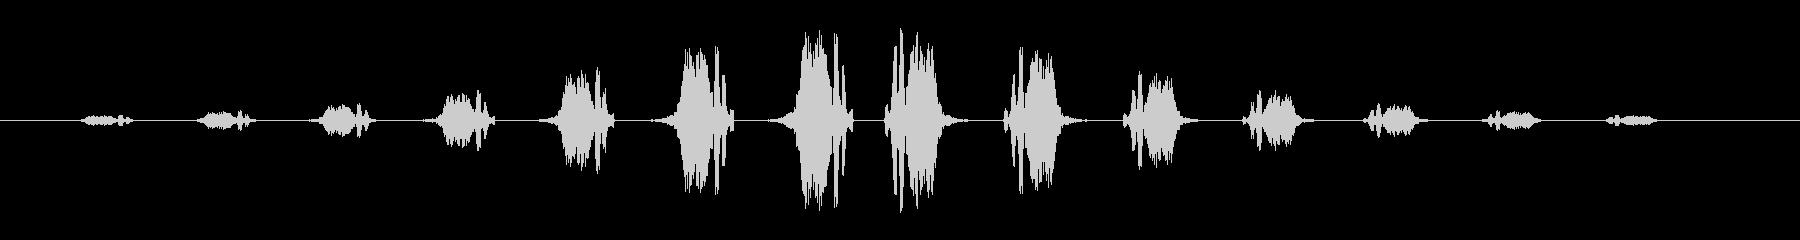 シュワワン(通過音)の未再生の波形